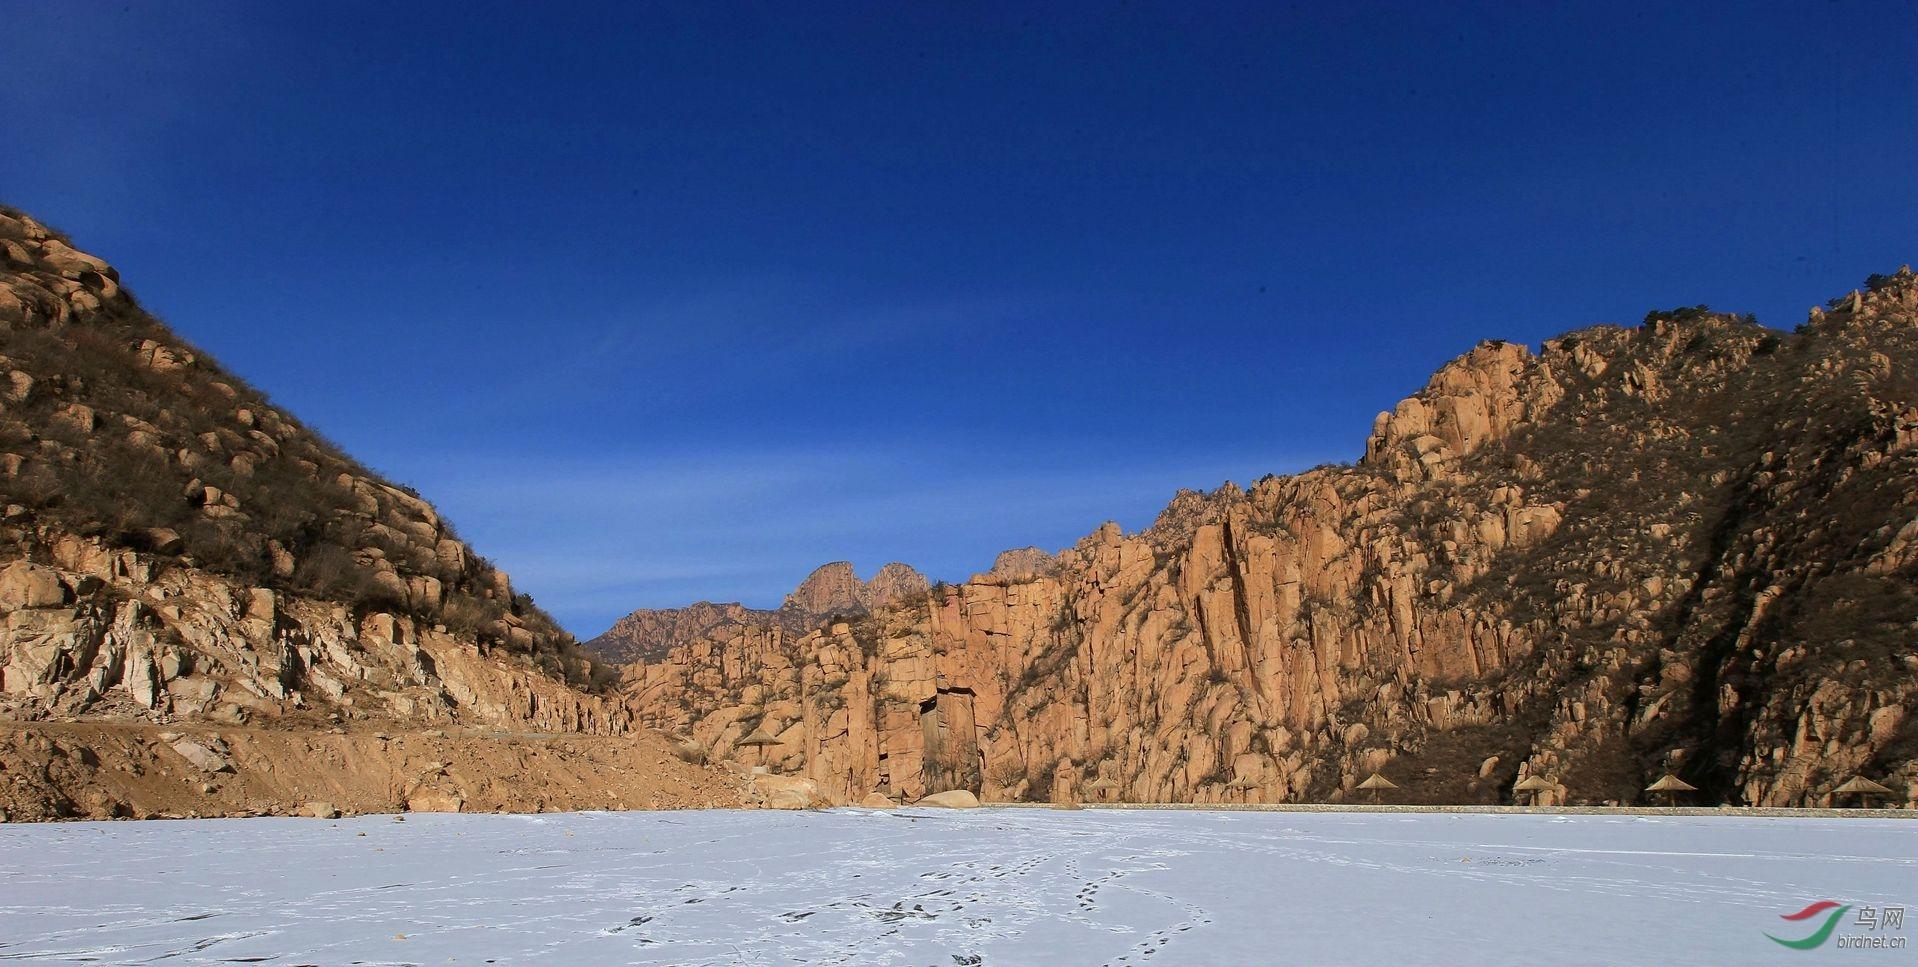 燕山冰糖峪 - 地理风光